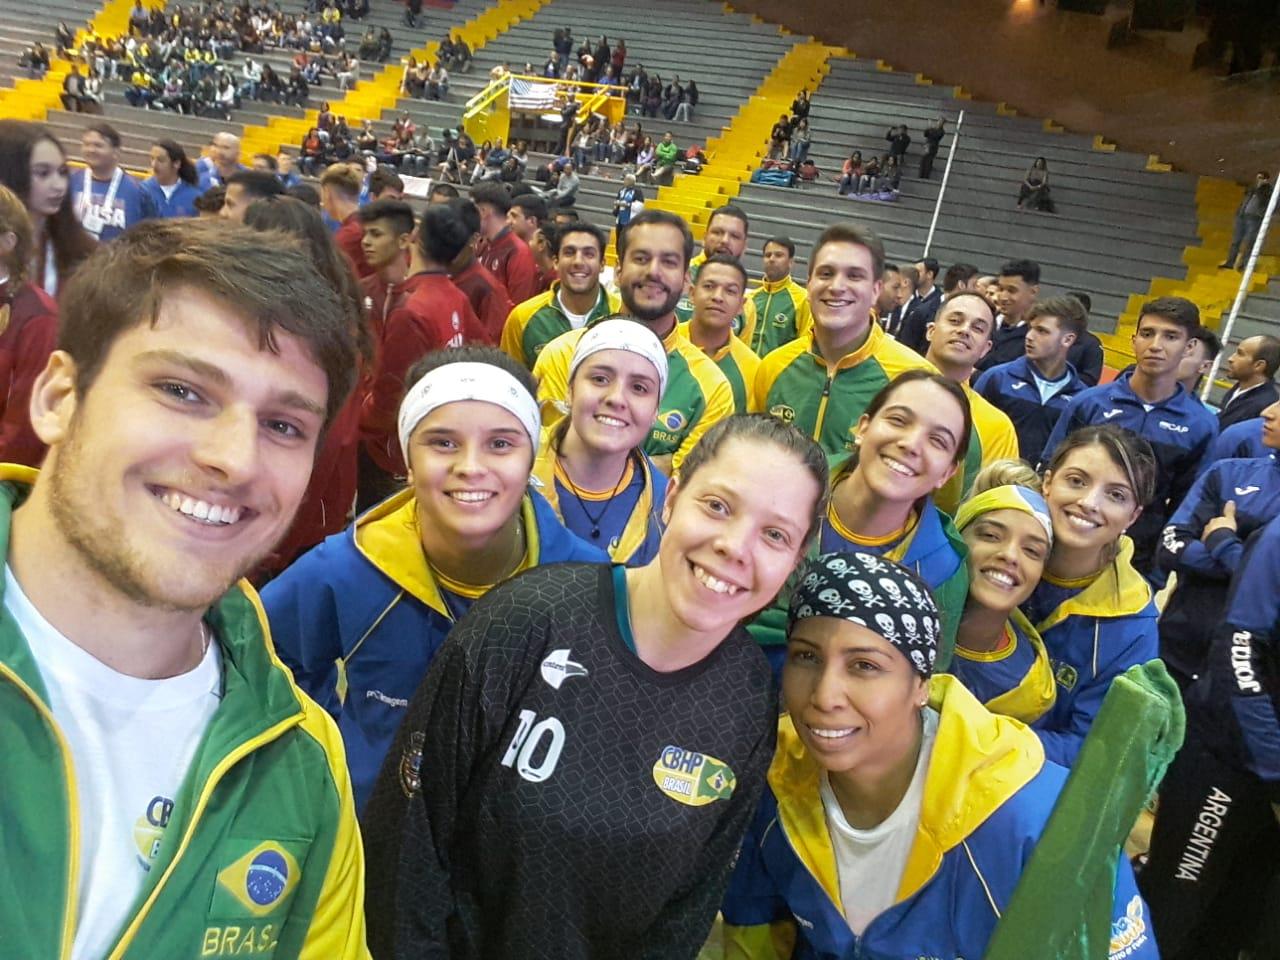 Seleção Brasileira na Cerimônia de Abertura do Campeonato Pan-Americano de Hóquei Sobre Patins 2018